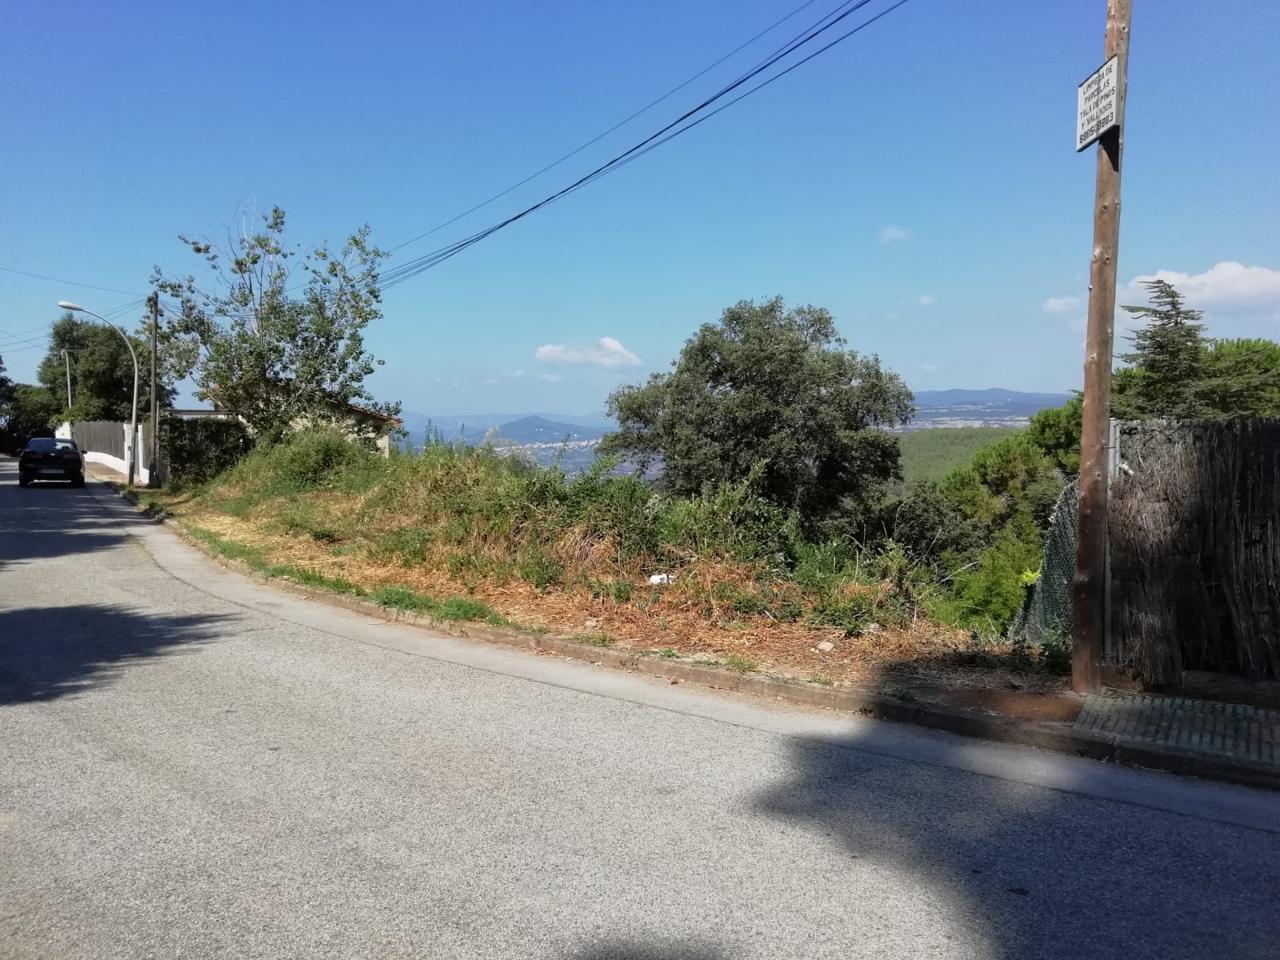 terreno en l'ametlla-del-valles · carrer-tarrago-08480 38470€